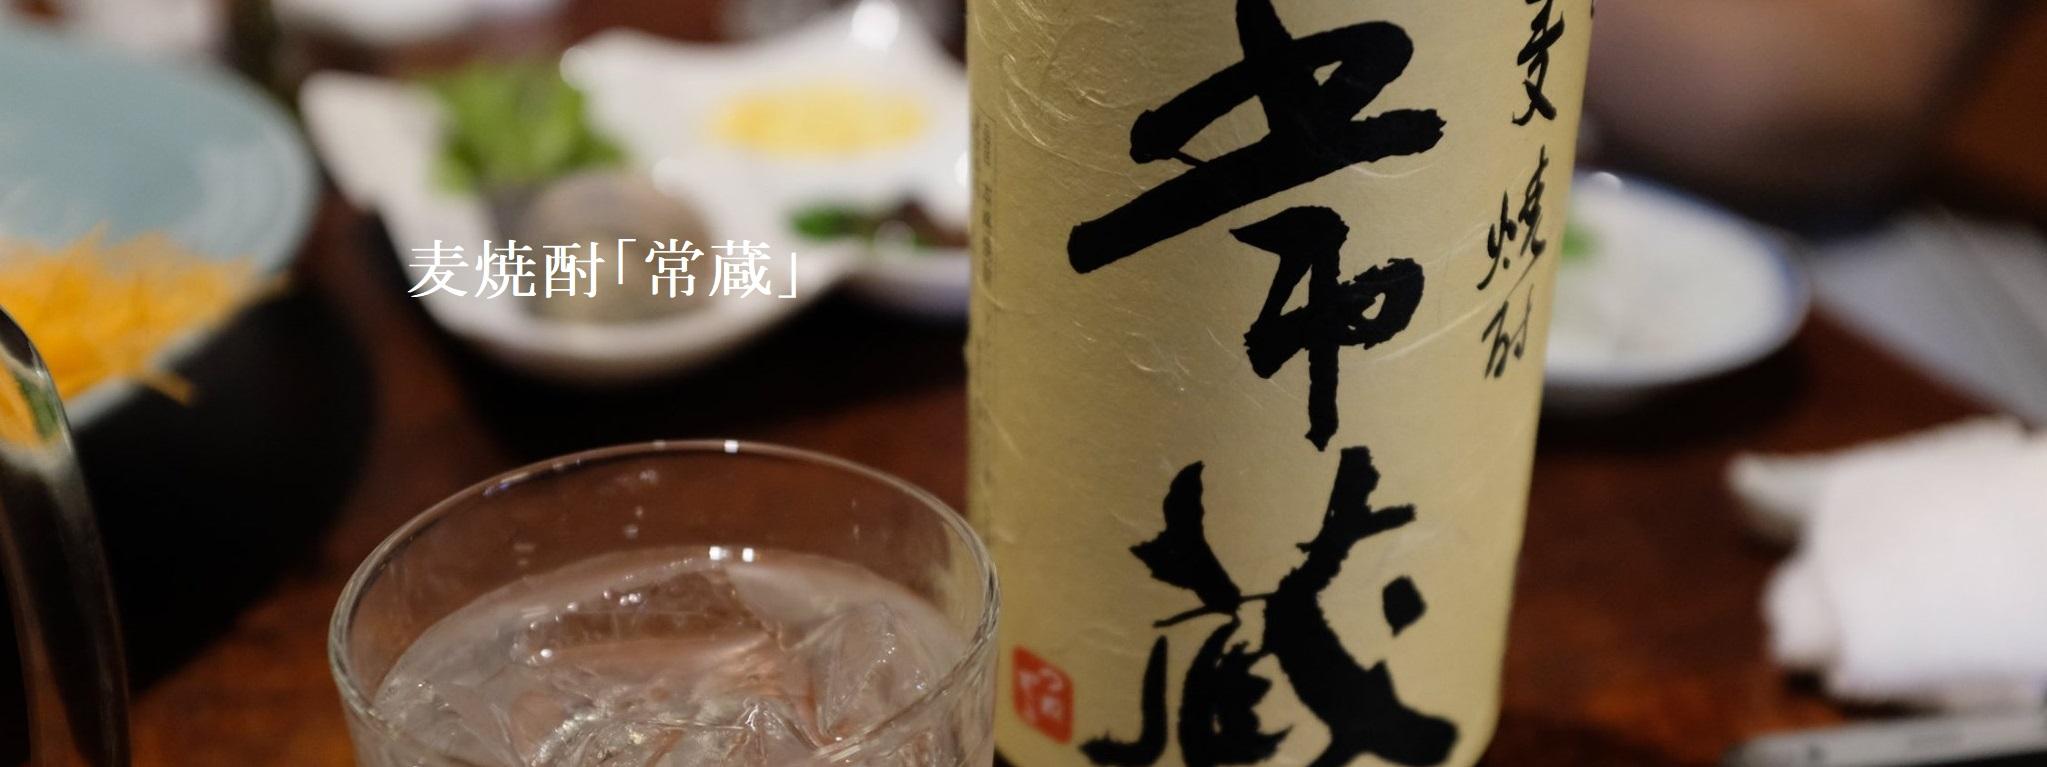 代表銘柄・麦焼酎「常蔵」は、減圧蒸留後のろ過を最低限に抑制。